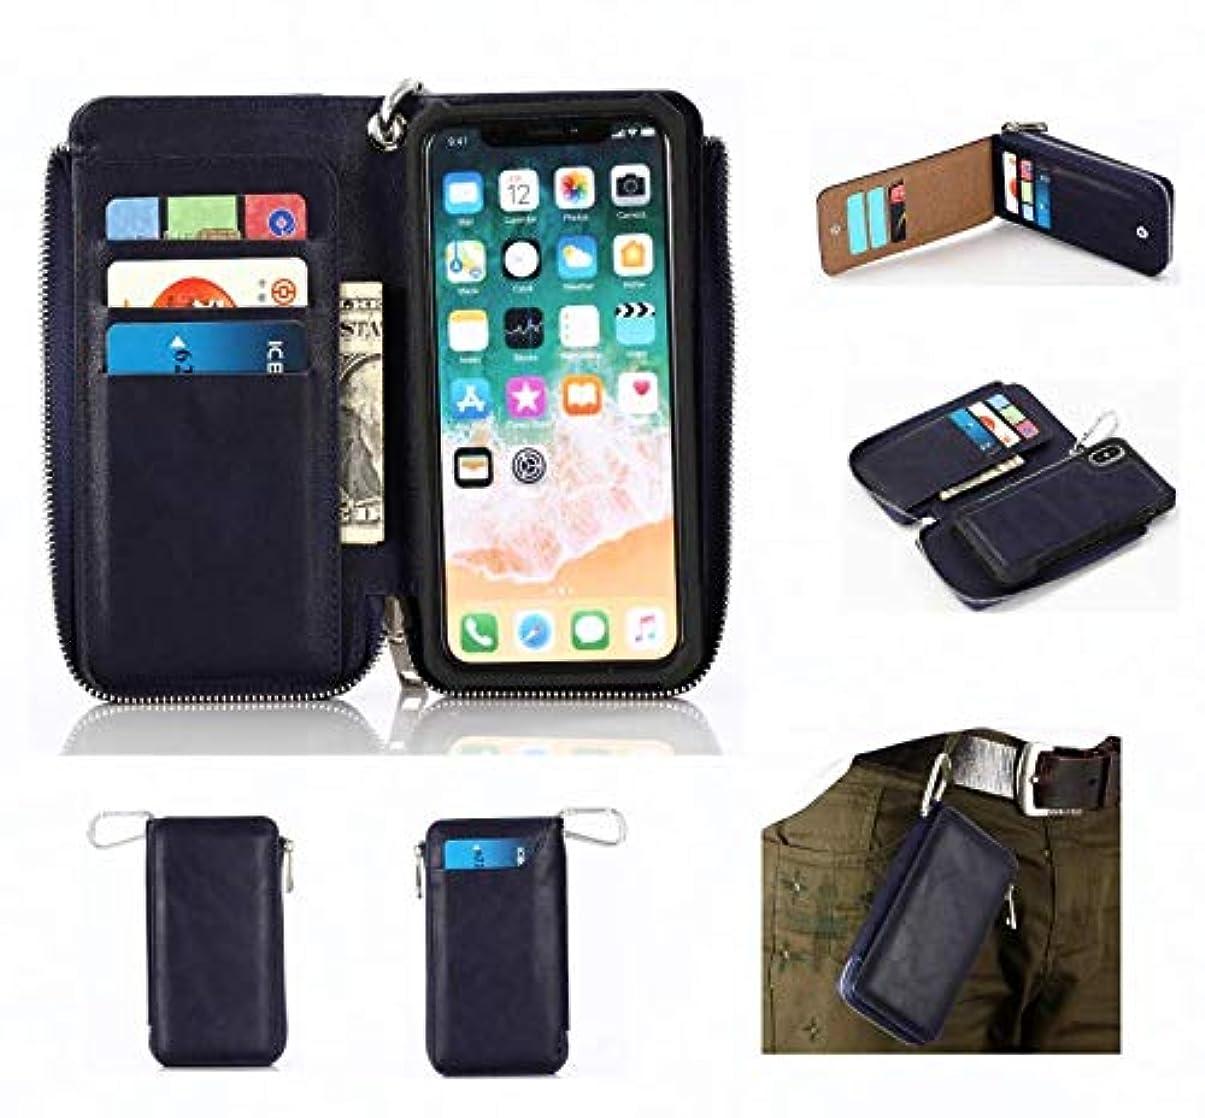 法王なくなるゼリーiPhone Xジッパー財布、iPhone XS携帯ポケット、メンズベルトベルトバッグ、金属リング、10個のカードスロット、キャッシュスロット、ボタンロックポケット、取り外し可能なスリムプロテクター、磁気カーラック